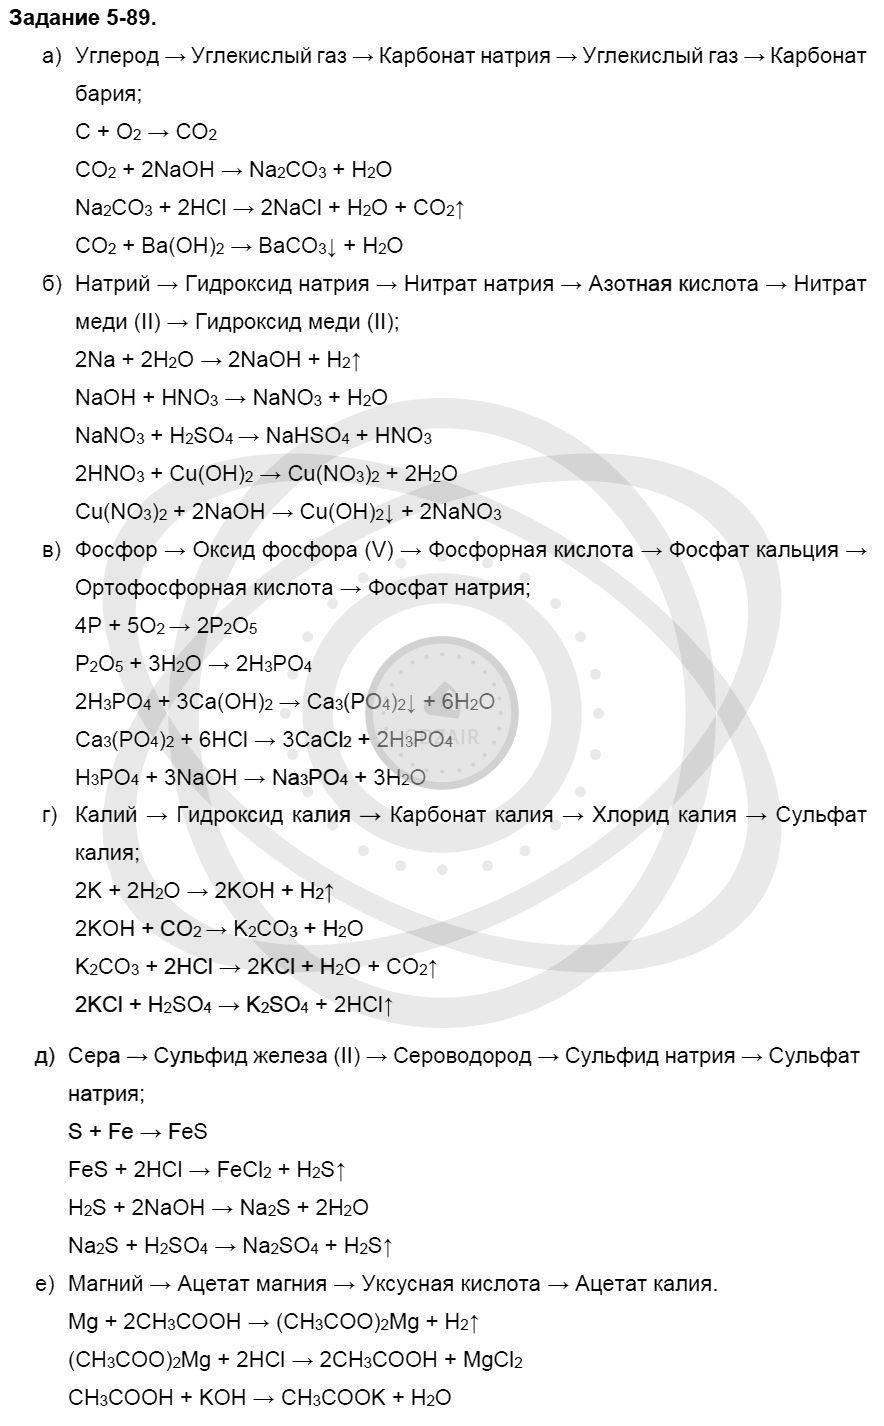 Химия 8 класс Кузнецова Н. Е. Глава 5. Основные классы неорганических соединений / Задания: 89